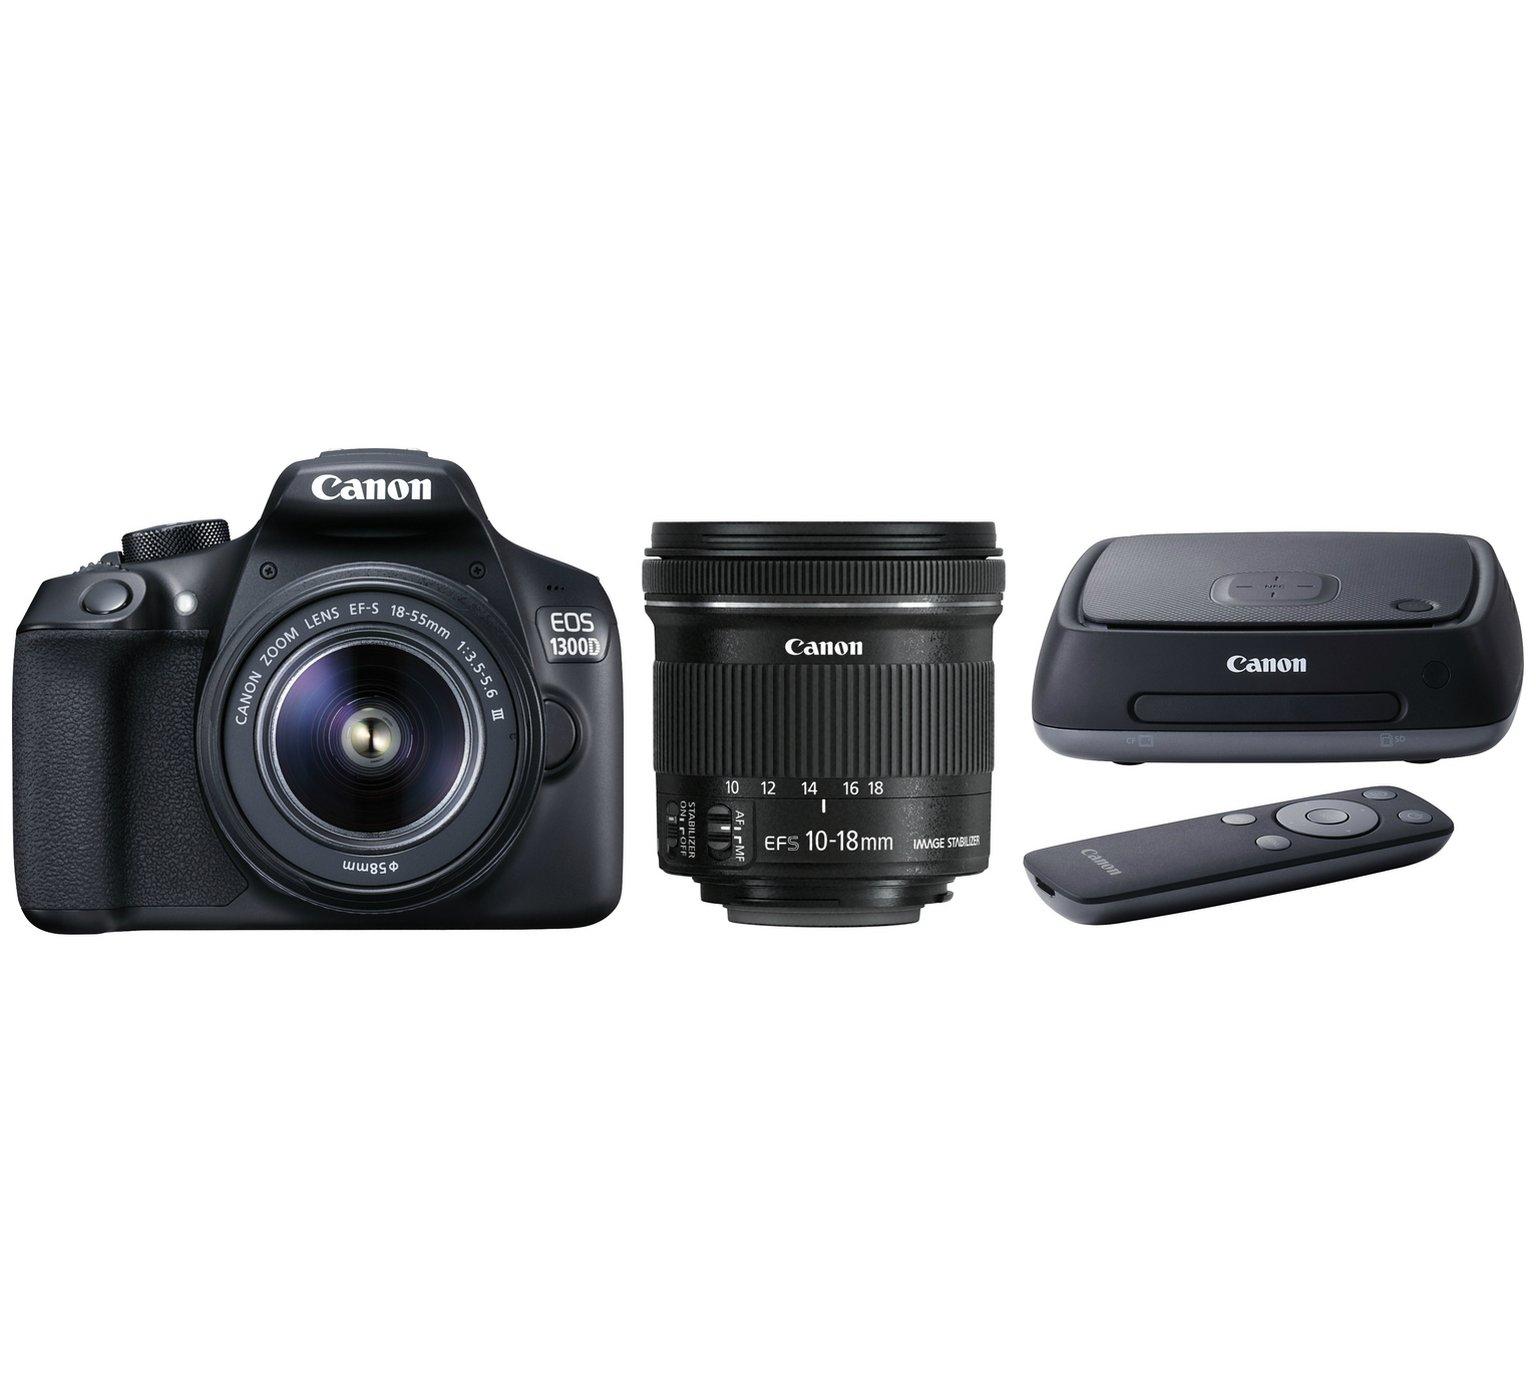 Canon 1300D DSLR - 18-55 & 10-18mm Lenses + connect station £399.99 Argos